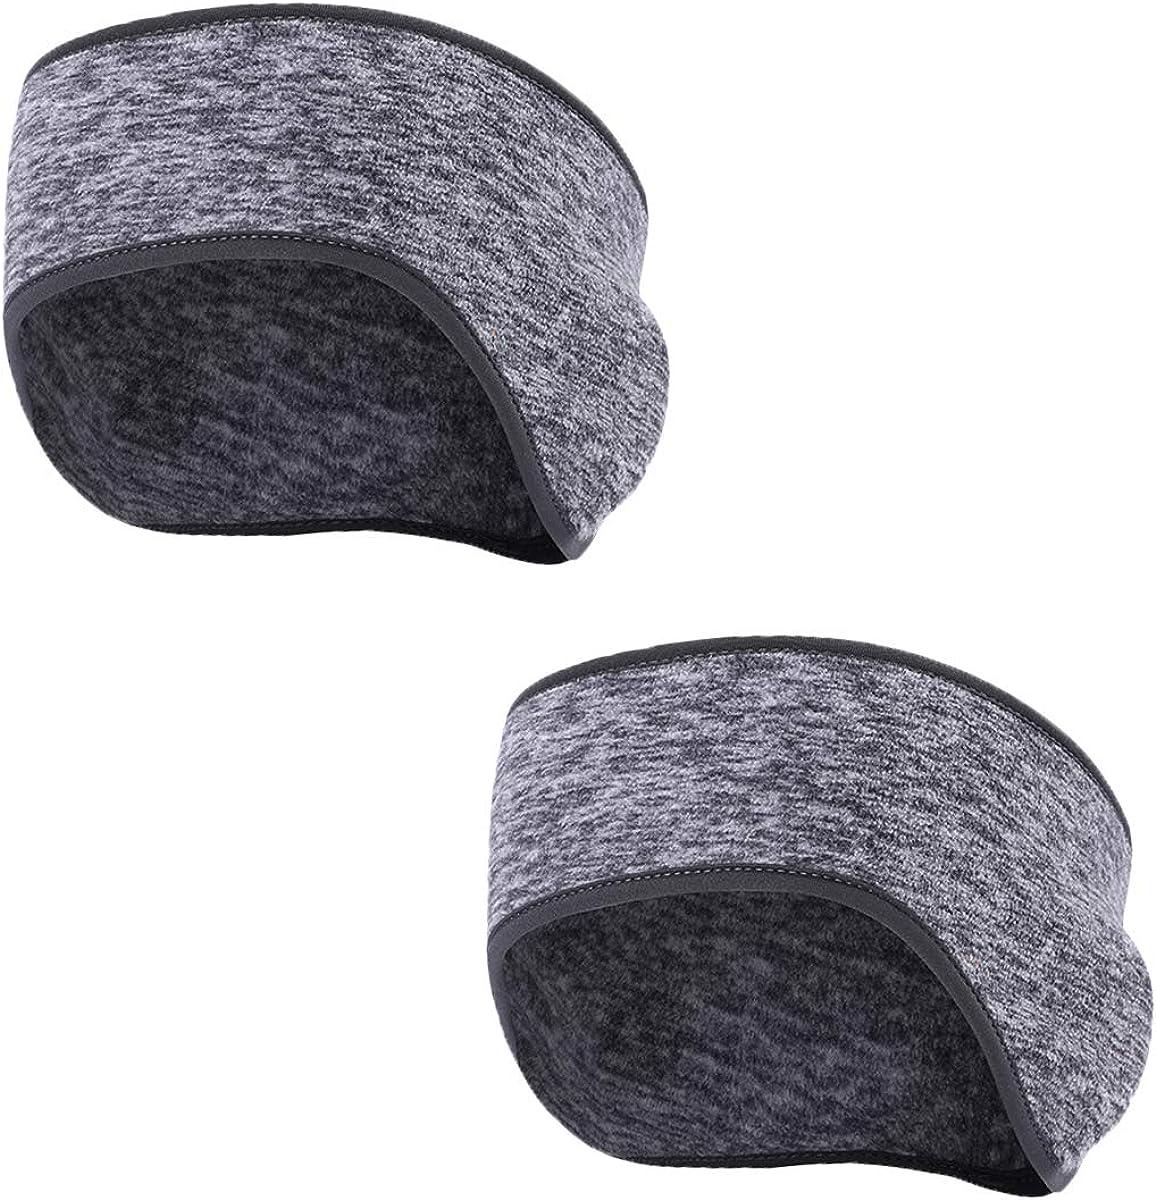 TAGVO Winter Fleece Warm Headband, Ear Warmer Fit for Men Women Outdoors Sports